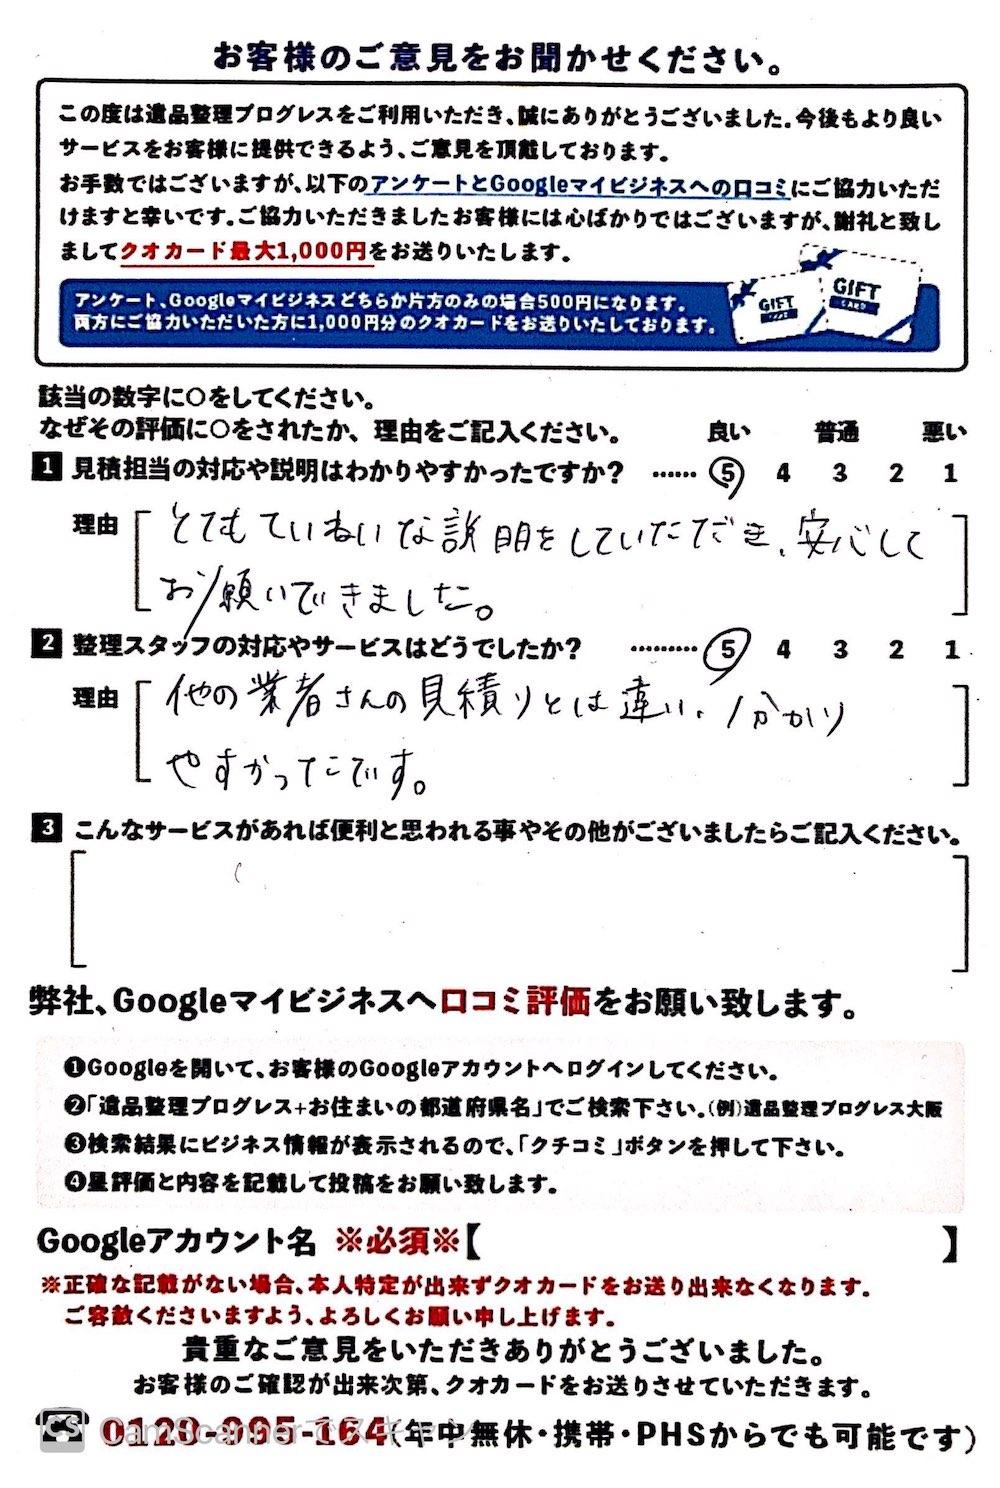 熊本県熊本市南区 M・Y様のアンケート用紙